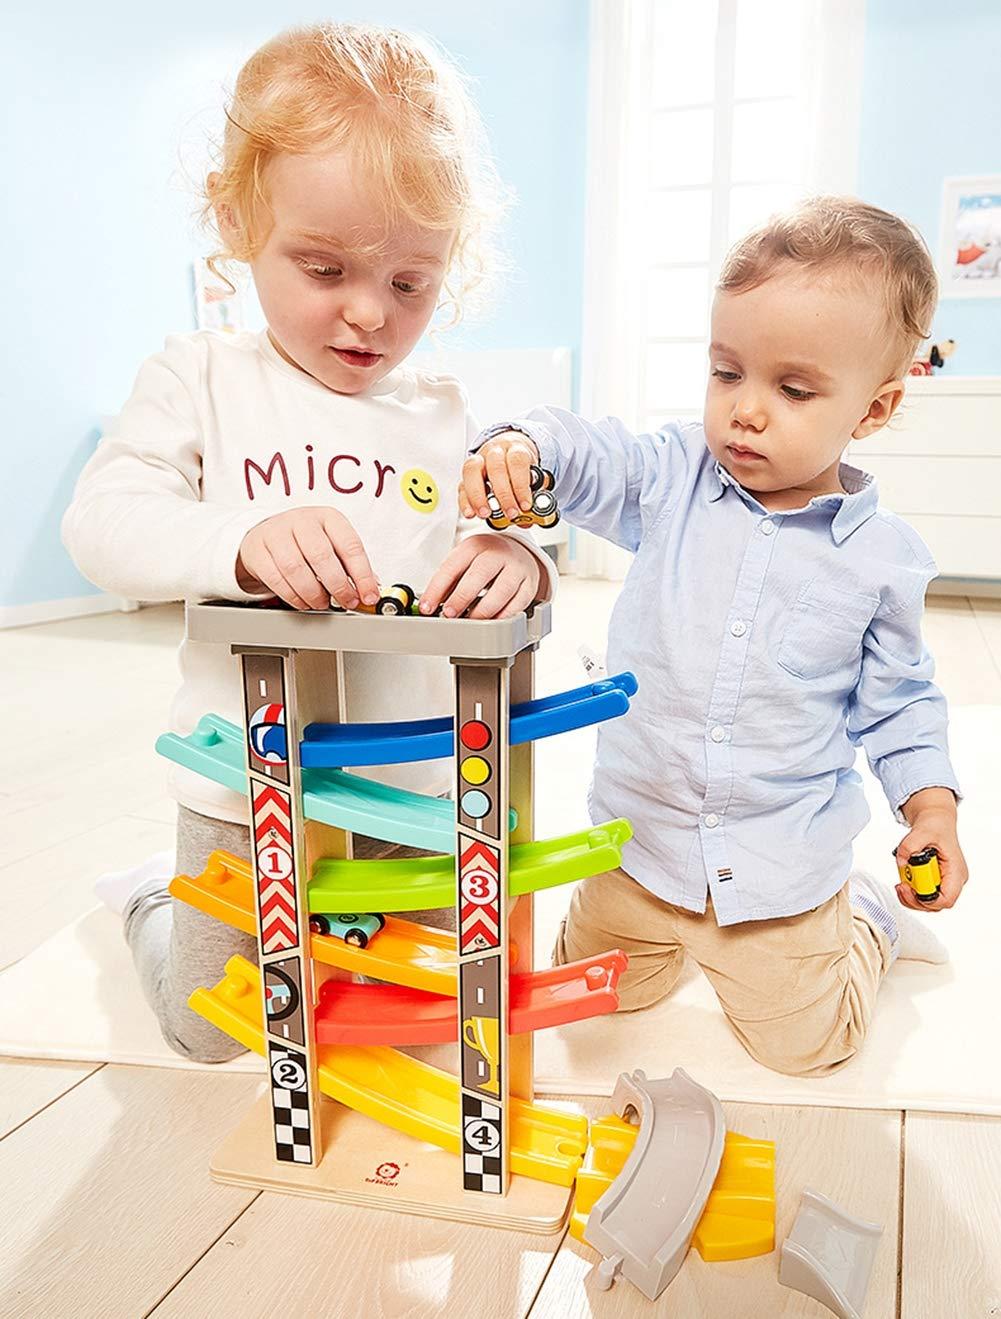 ahorrar en el despacho Ordinary SLONG Juguete Juguete Juguete de Madera de los niños Modelo de Coches de Pista resbaladizo Coche Puzzle Educación Preescolar Conjunto  gran selección y entrega rápida